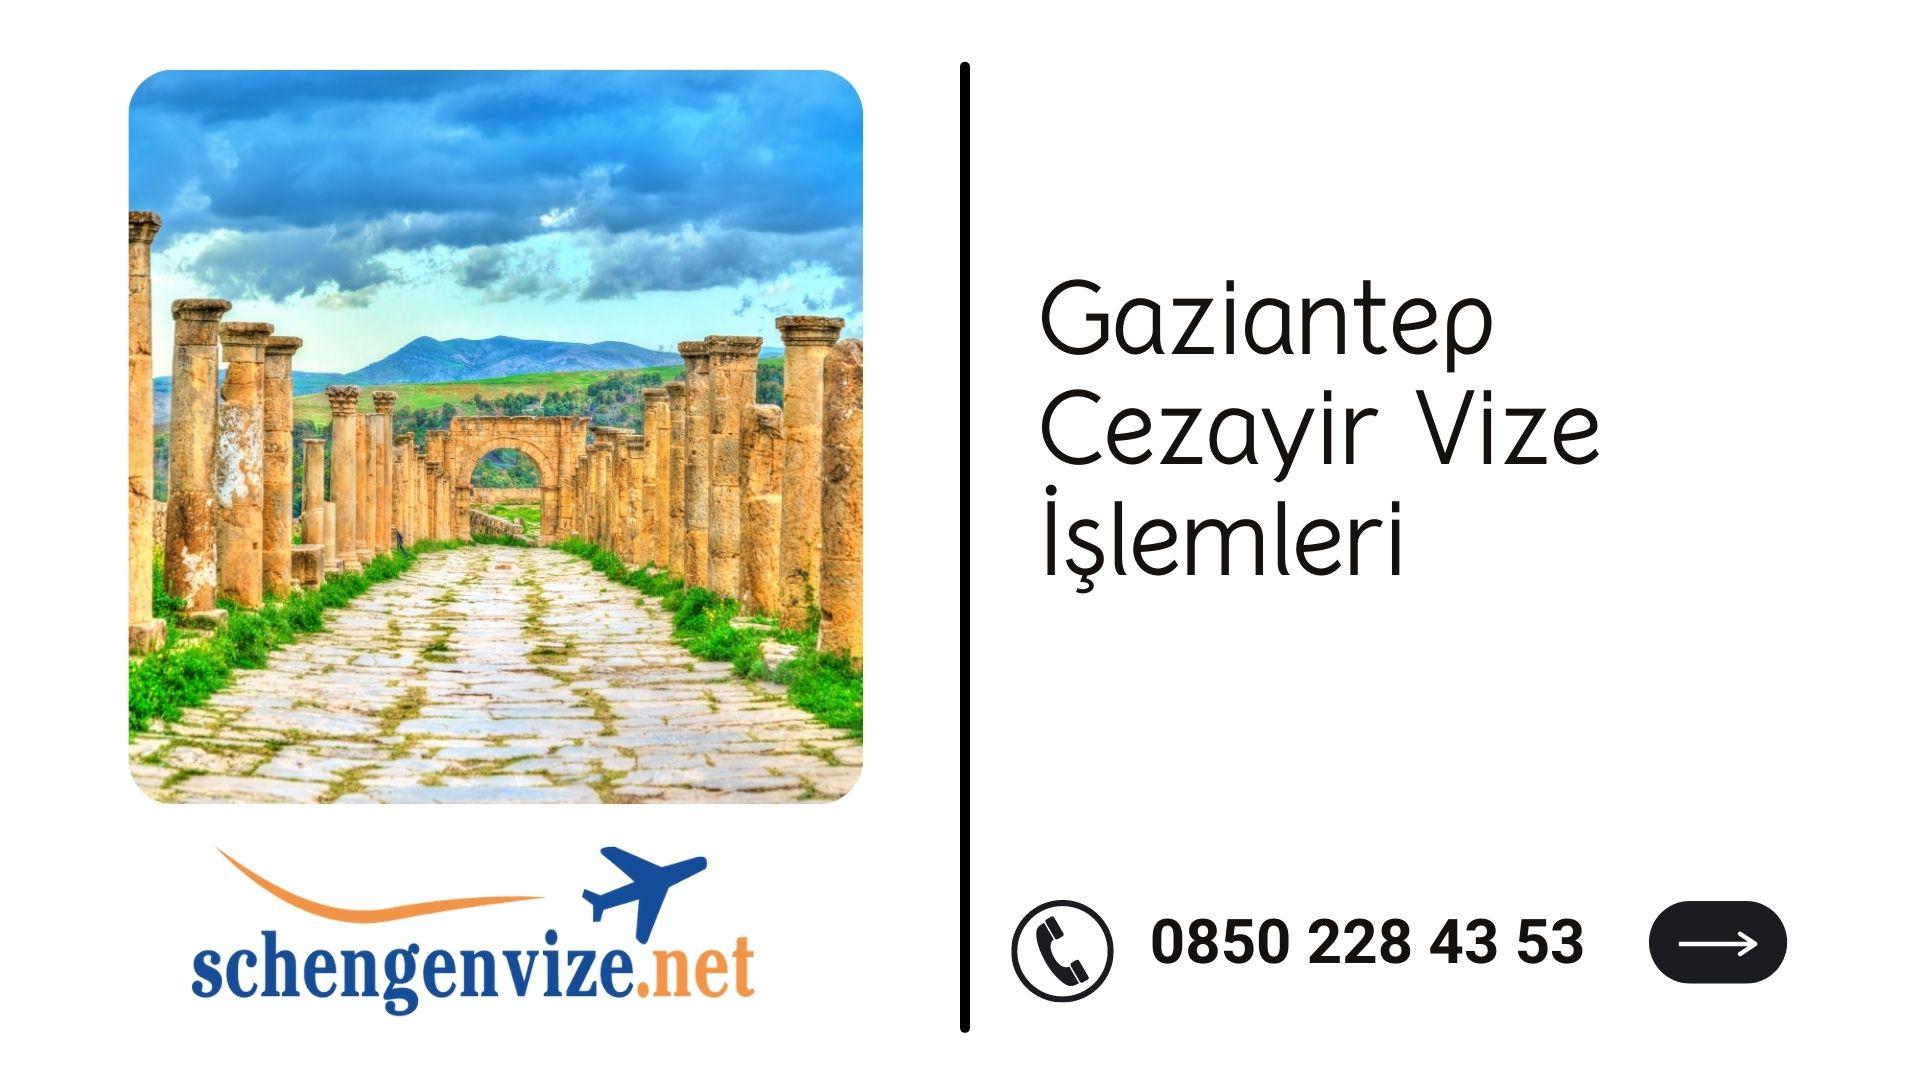 Gaziantep Cezayir Vize İşlemleri